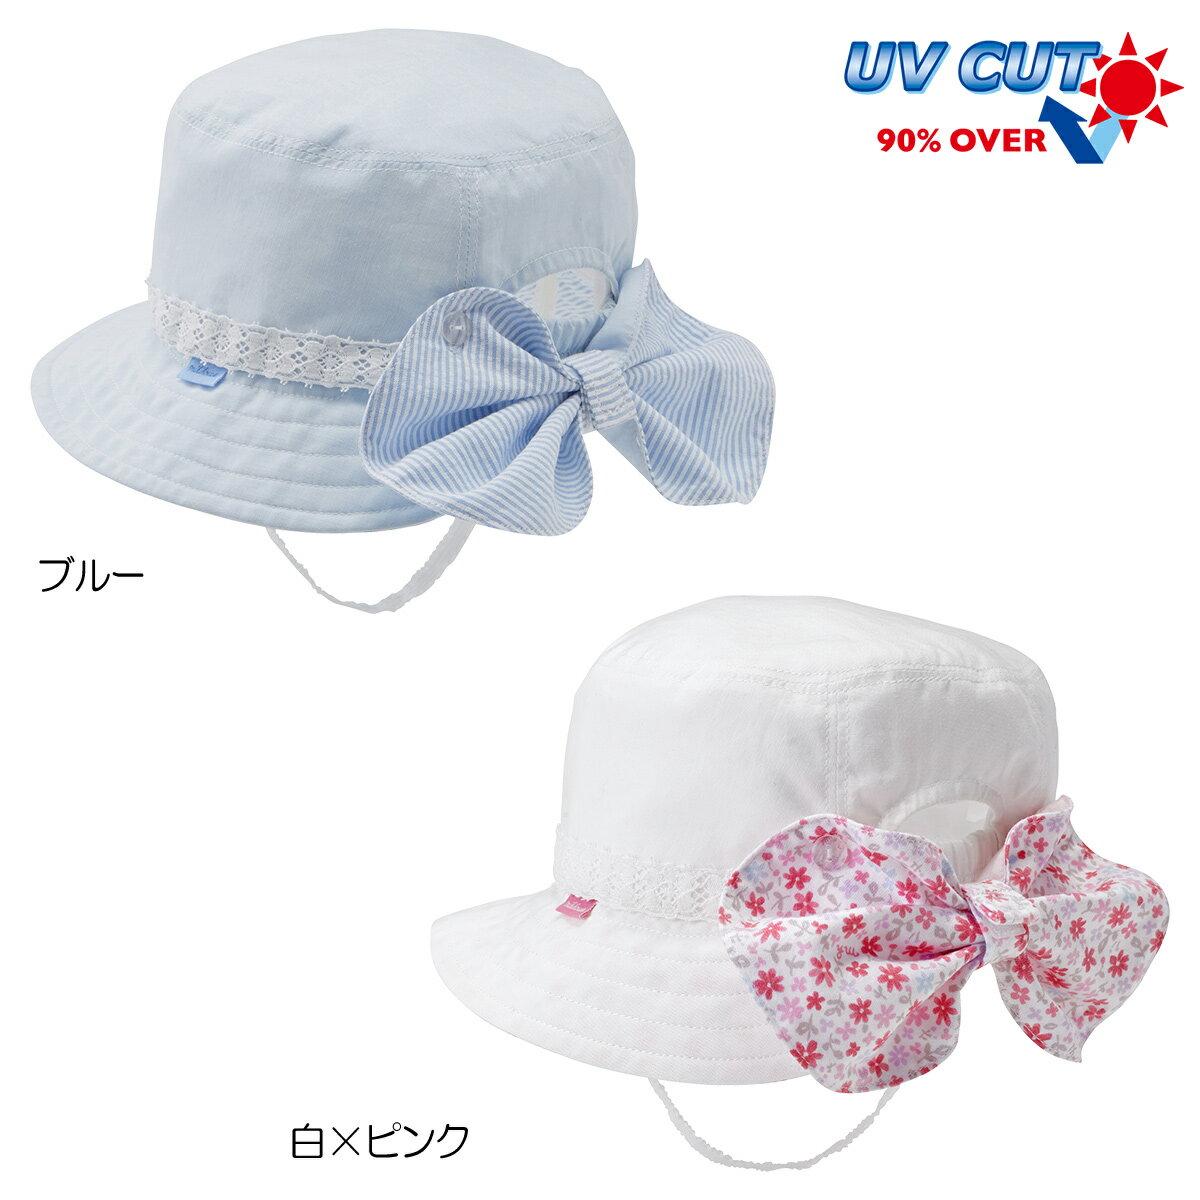 ミキハウス mikihouse リボン風の日よけカバー付きハット(帽子)〈SS-LL(46cm-56cm)〉